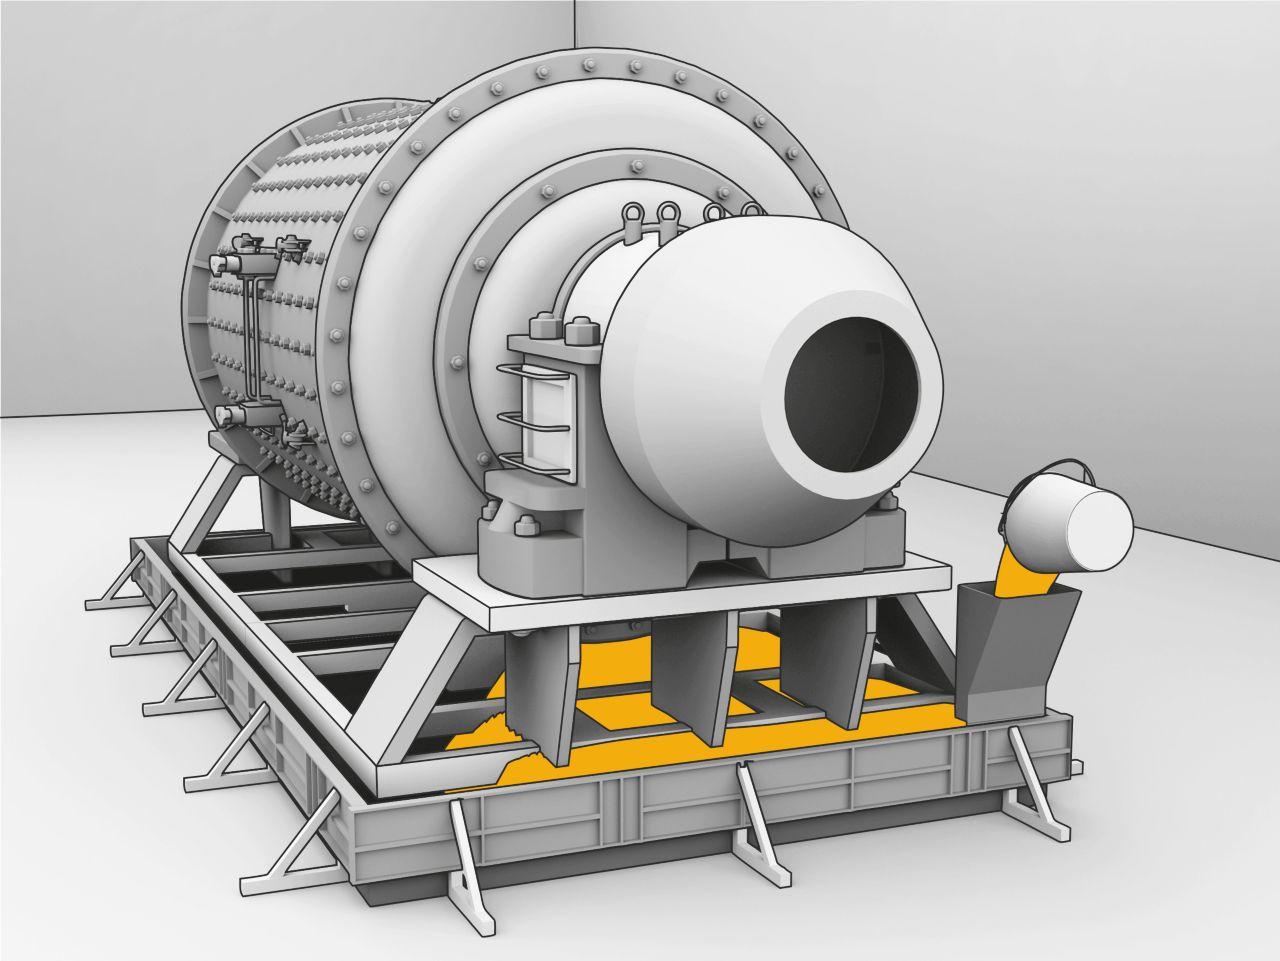 Podlivanje nosilnih podstavkov za stroje s SikaGrout cementno malto